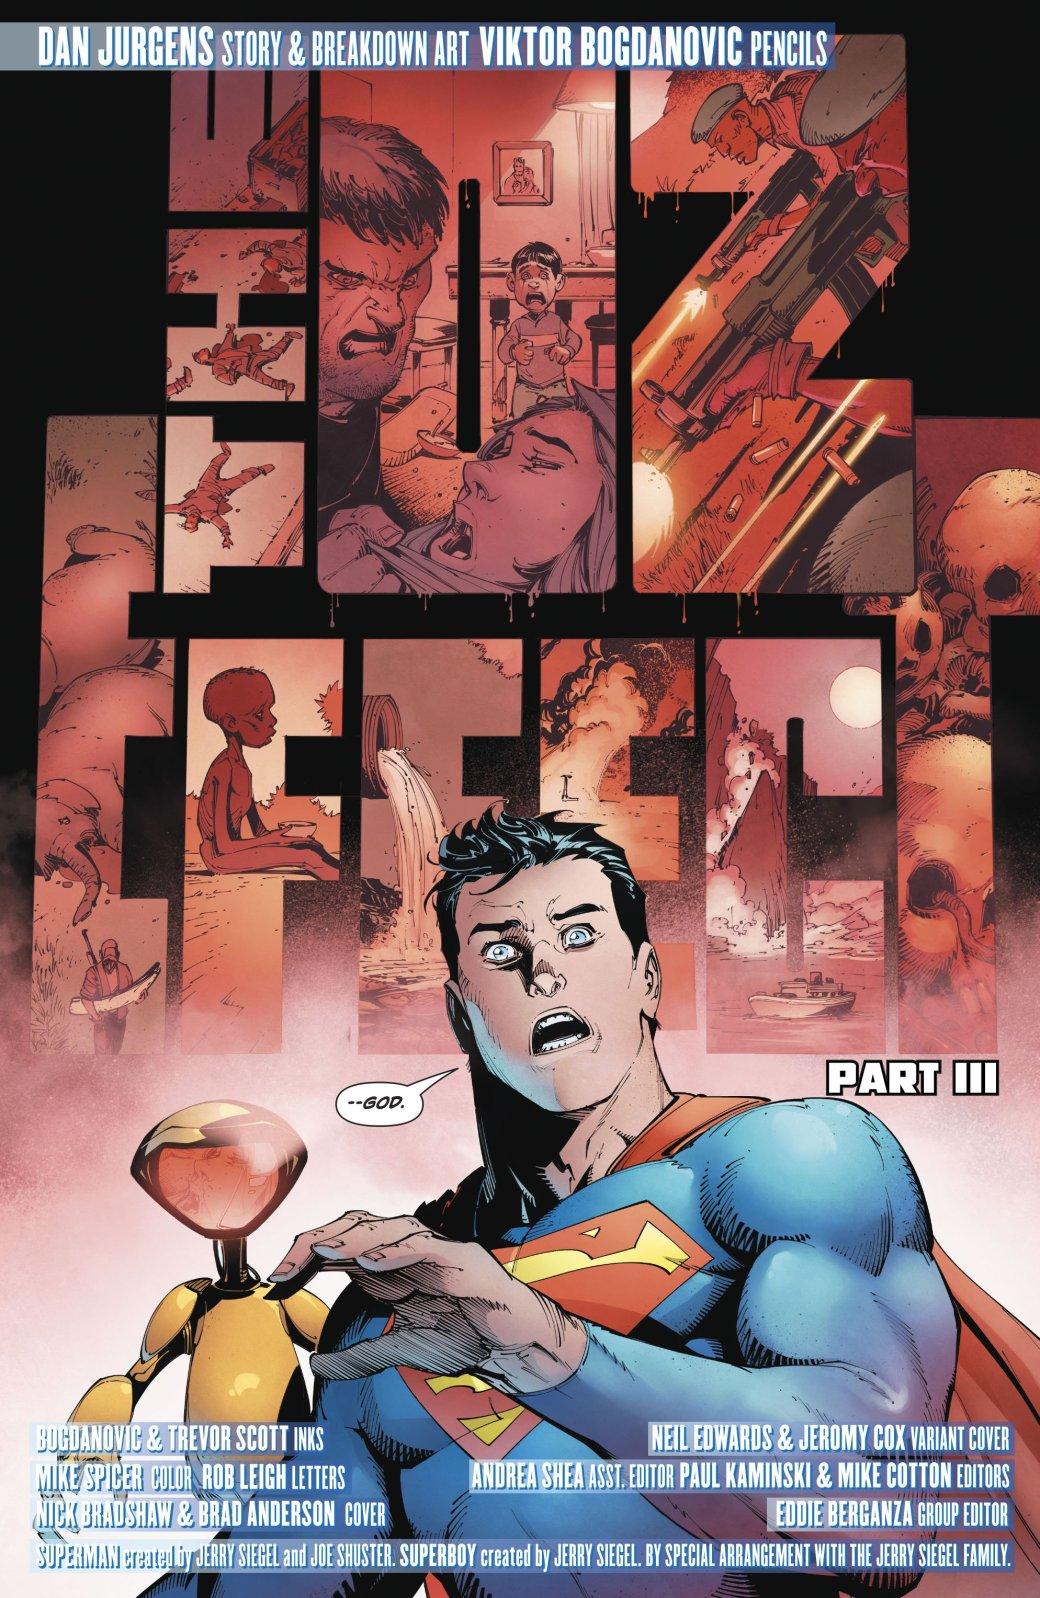 Сможетли Мистер Озуговорить Супермена покинуть Землю?. - Изображение 1